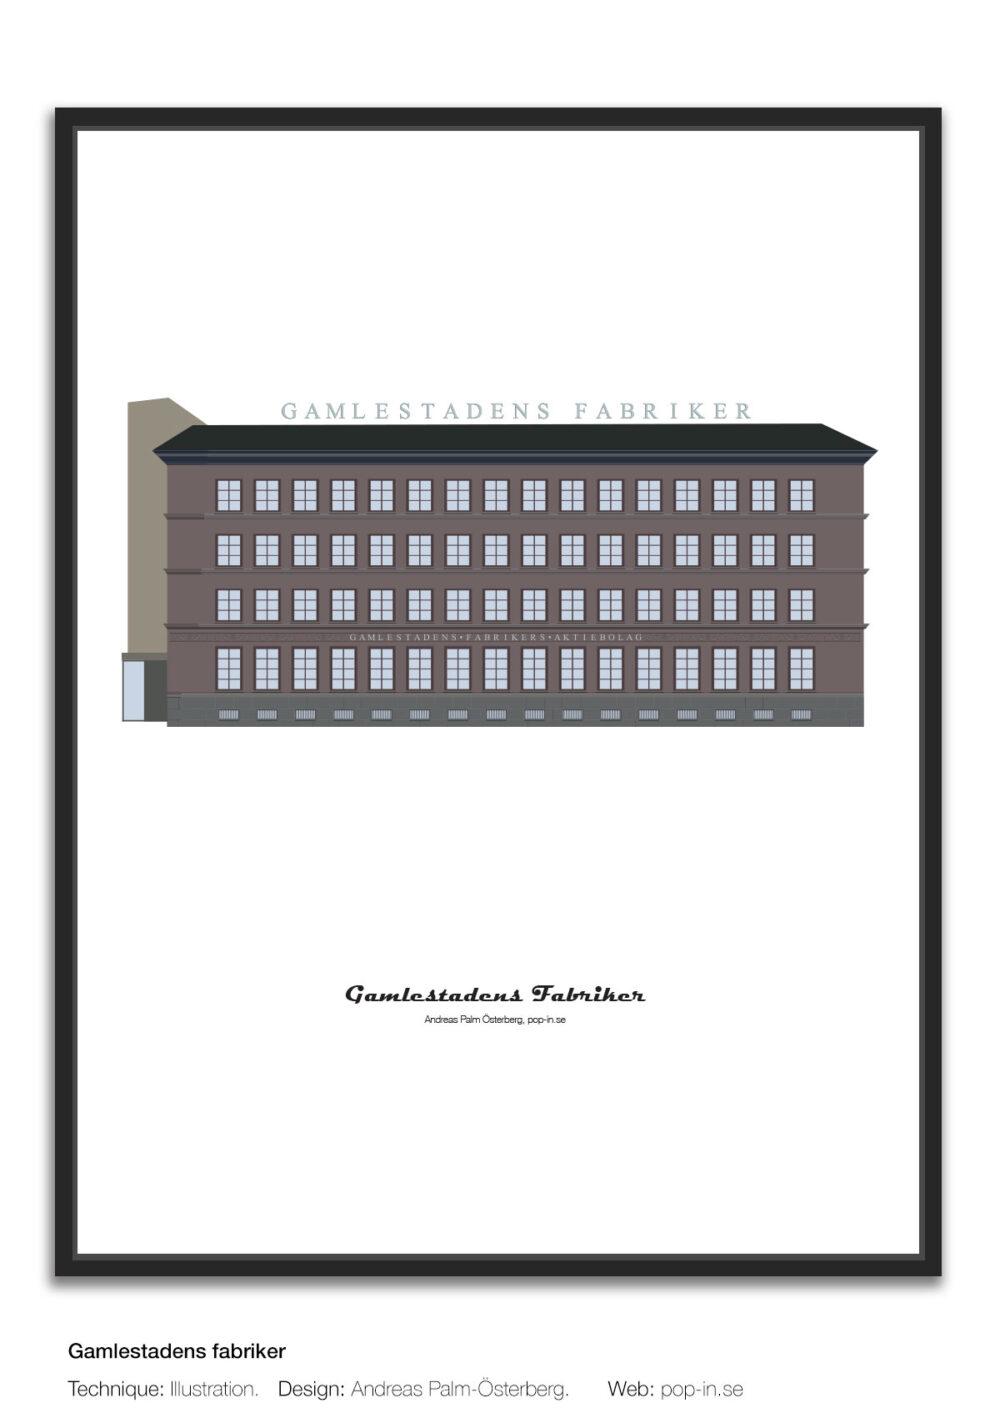 Gamlestadens fabriker